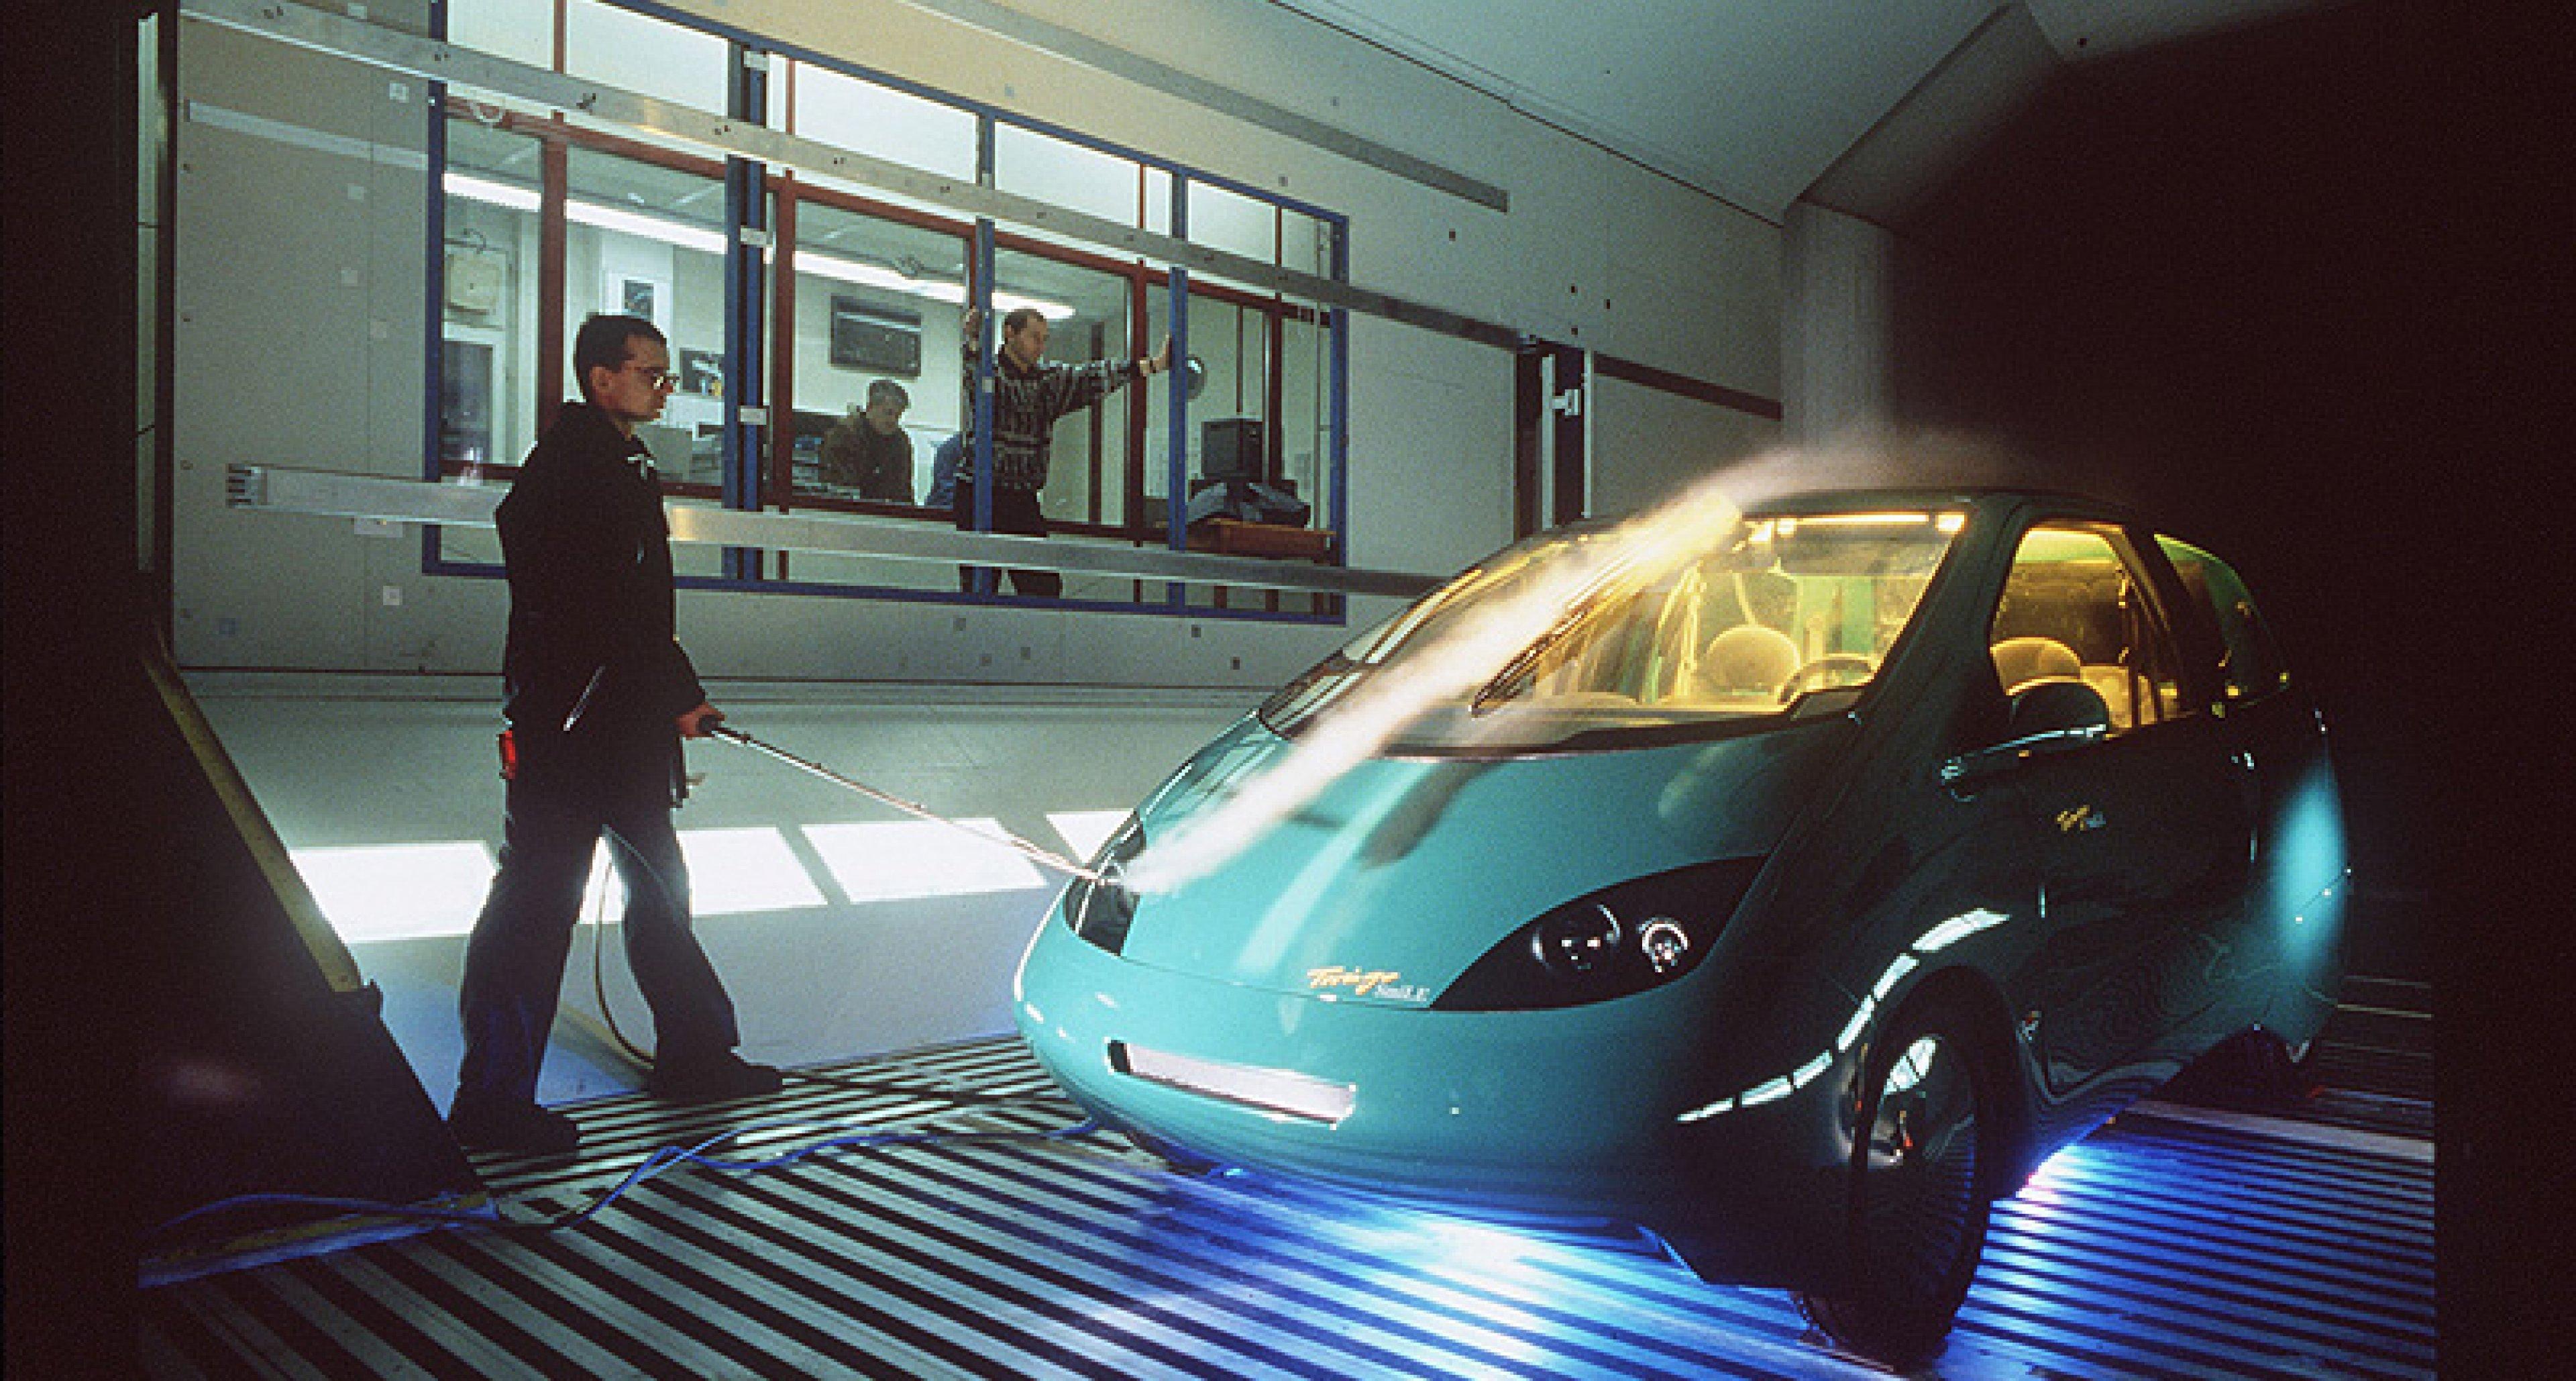 Prototyp Hamburg zeigt Stromlinien-Fahrzeuge